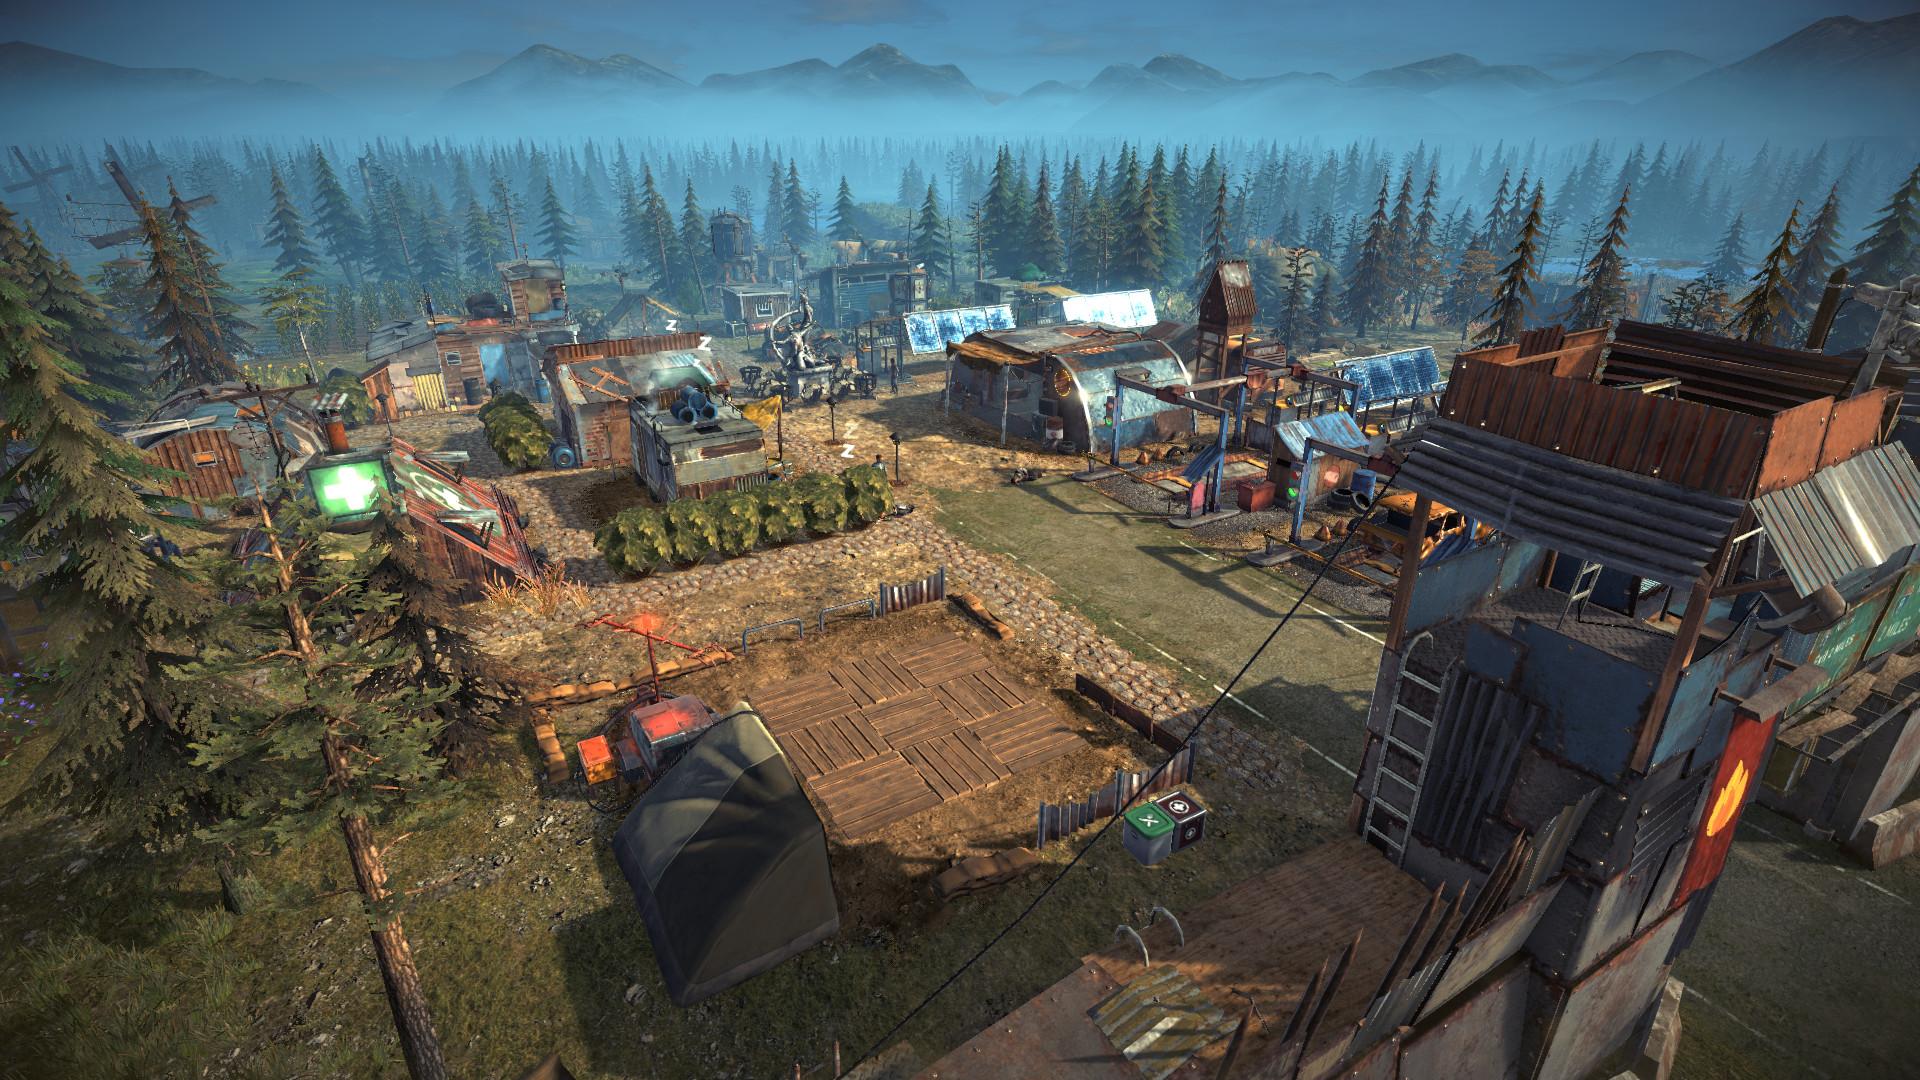 《末日求生》早期游戏阶段演示前瞻 基地、牧场建设